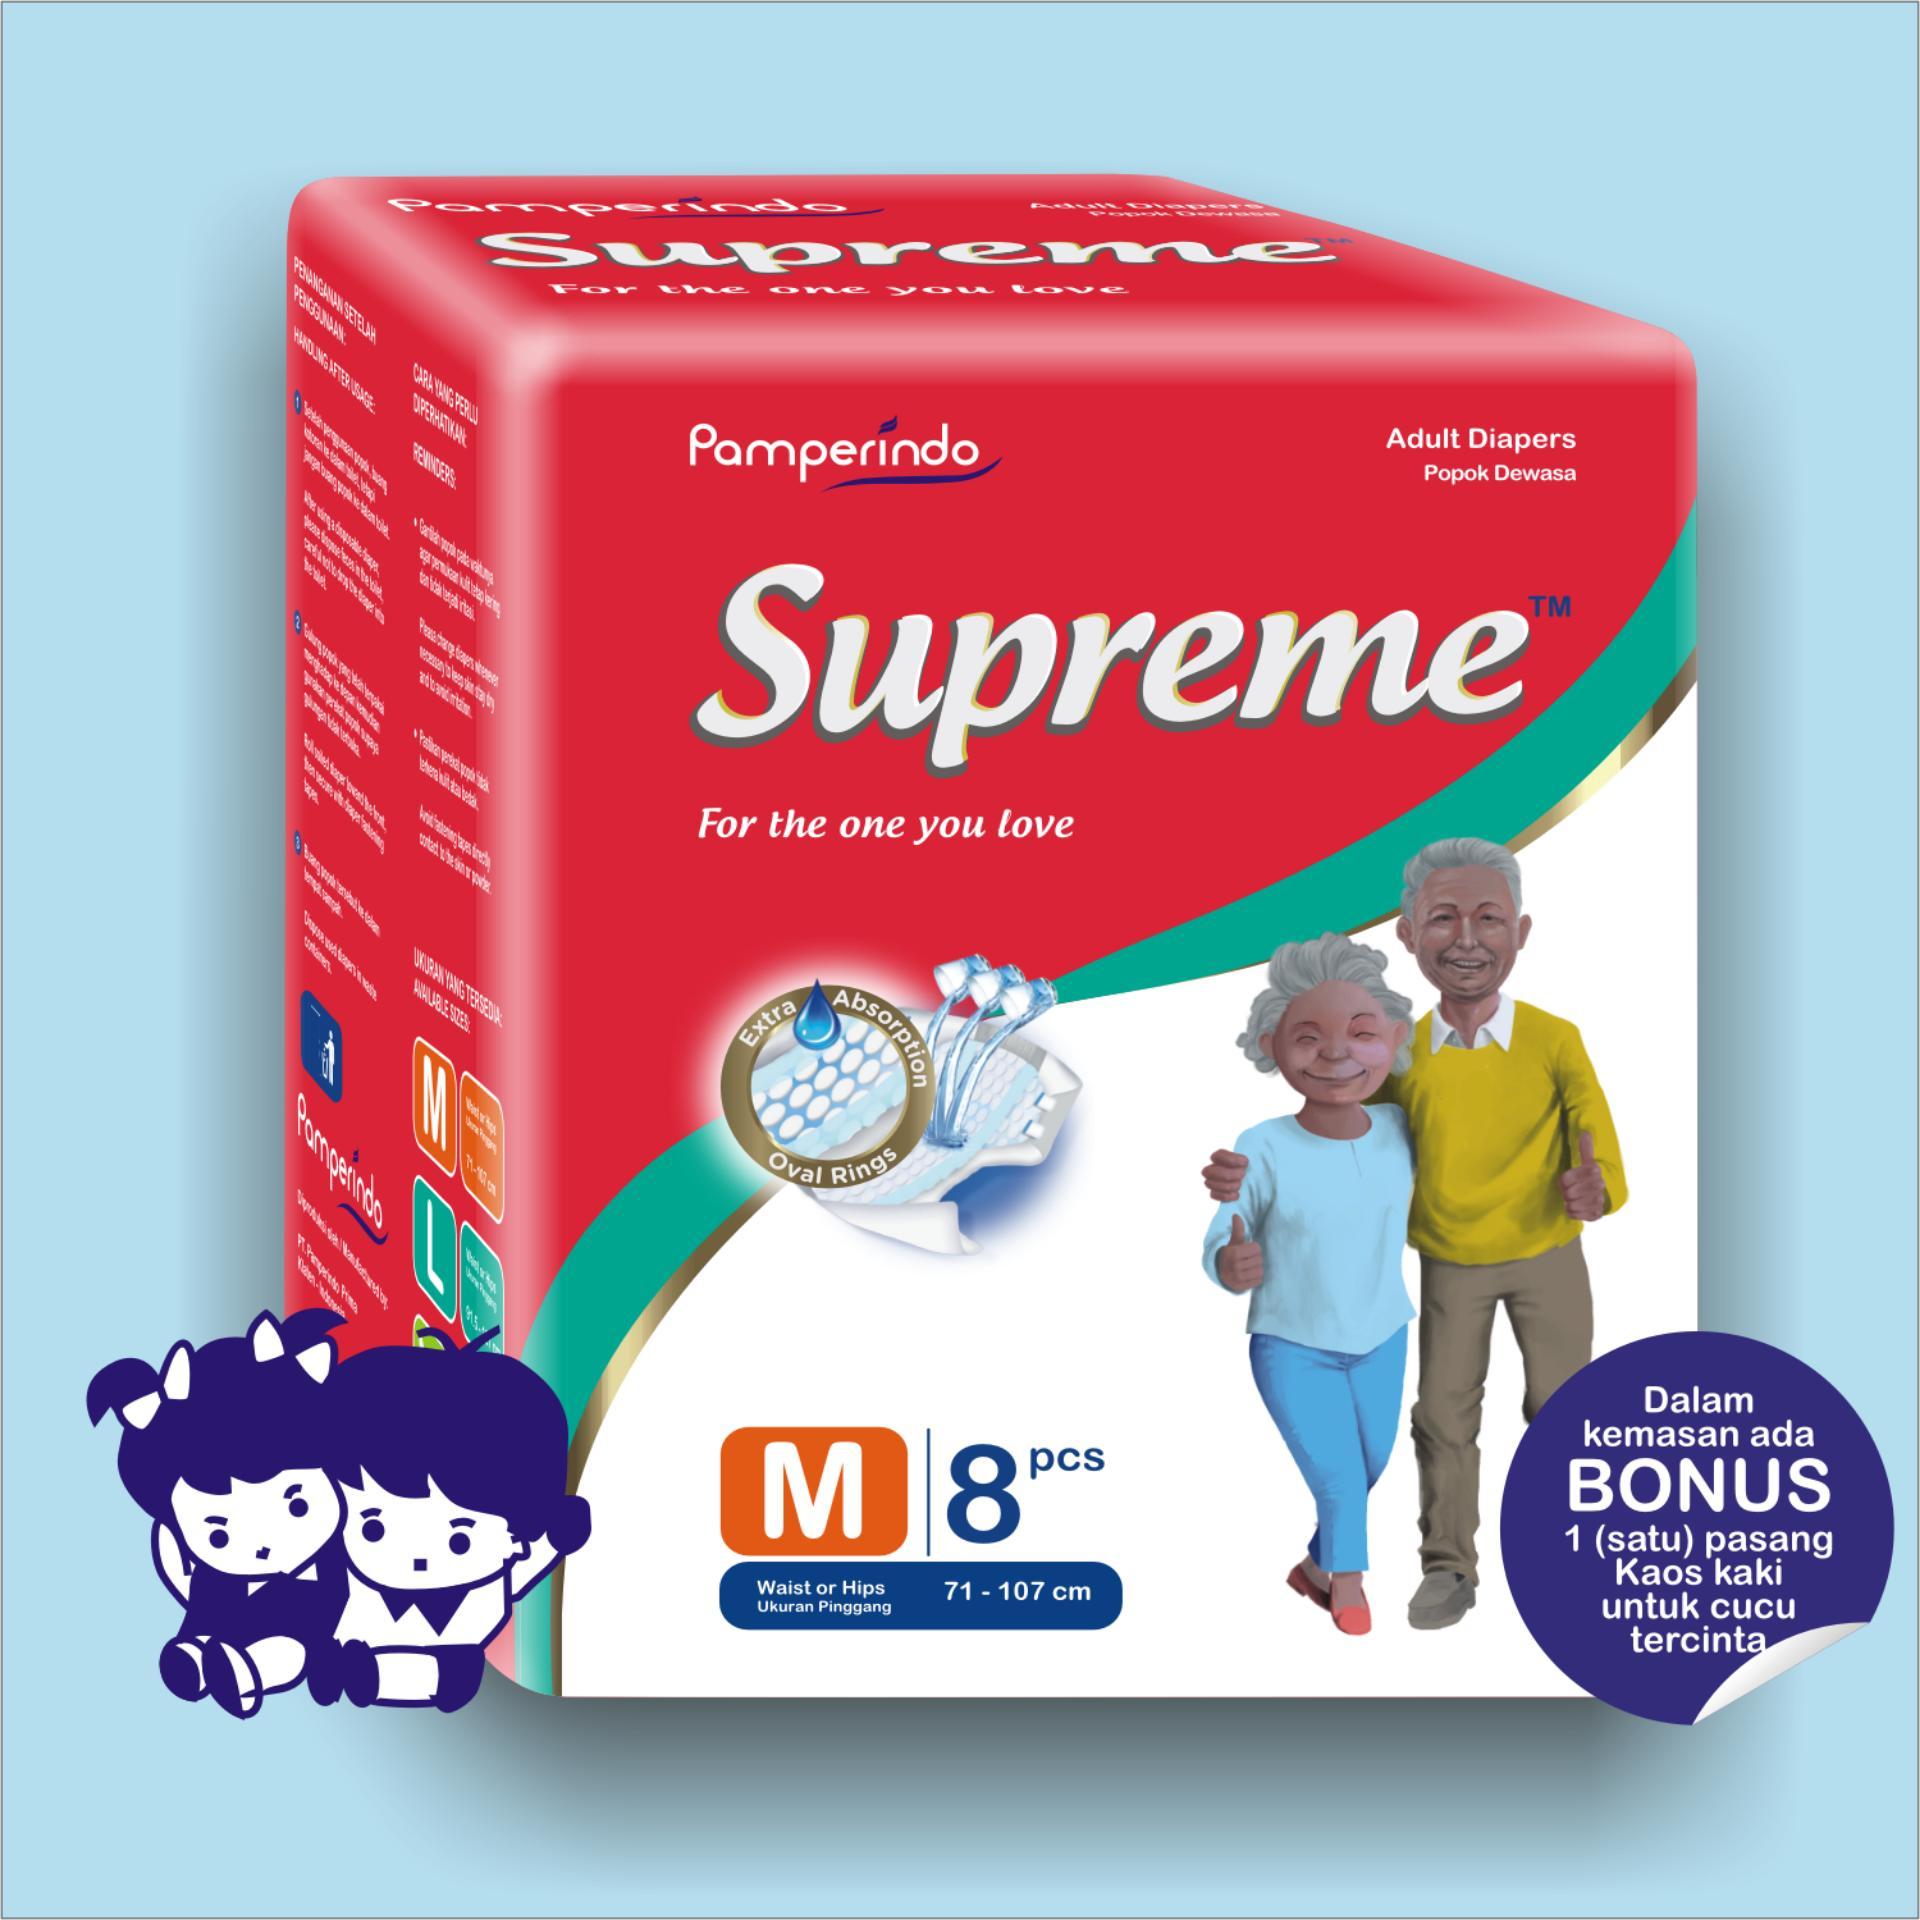 Jual dr p adult murah garansi dan berkualitas ID Store Source · Harga preferensial Popok Dewasa SUPREME size M isi 8 pcs beli sekarang Hanya Rp38